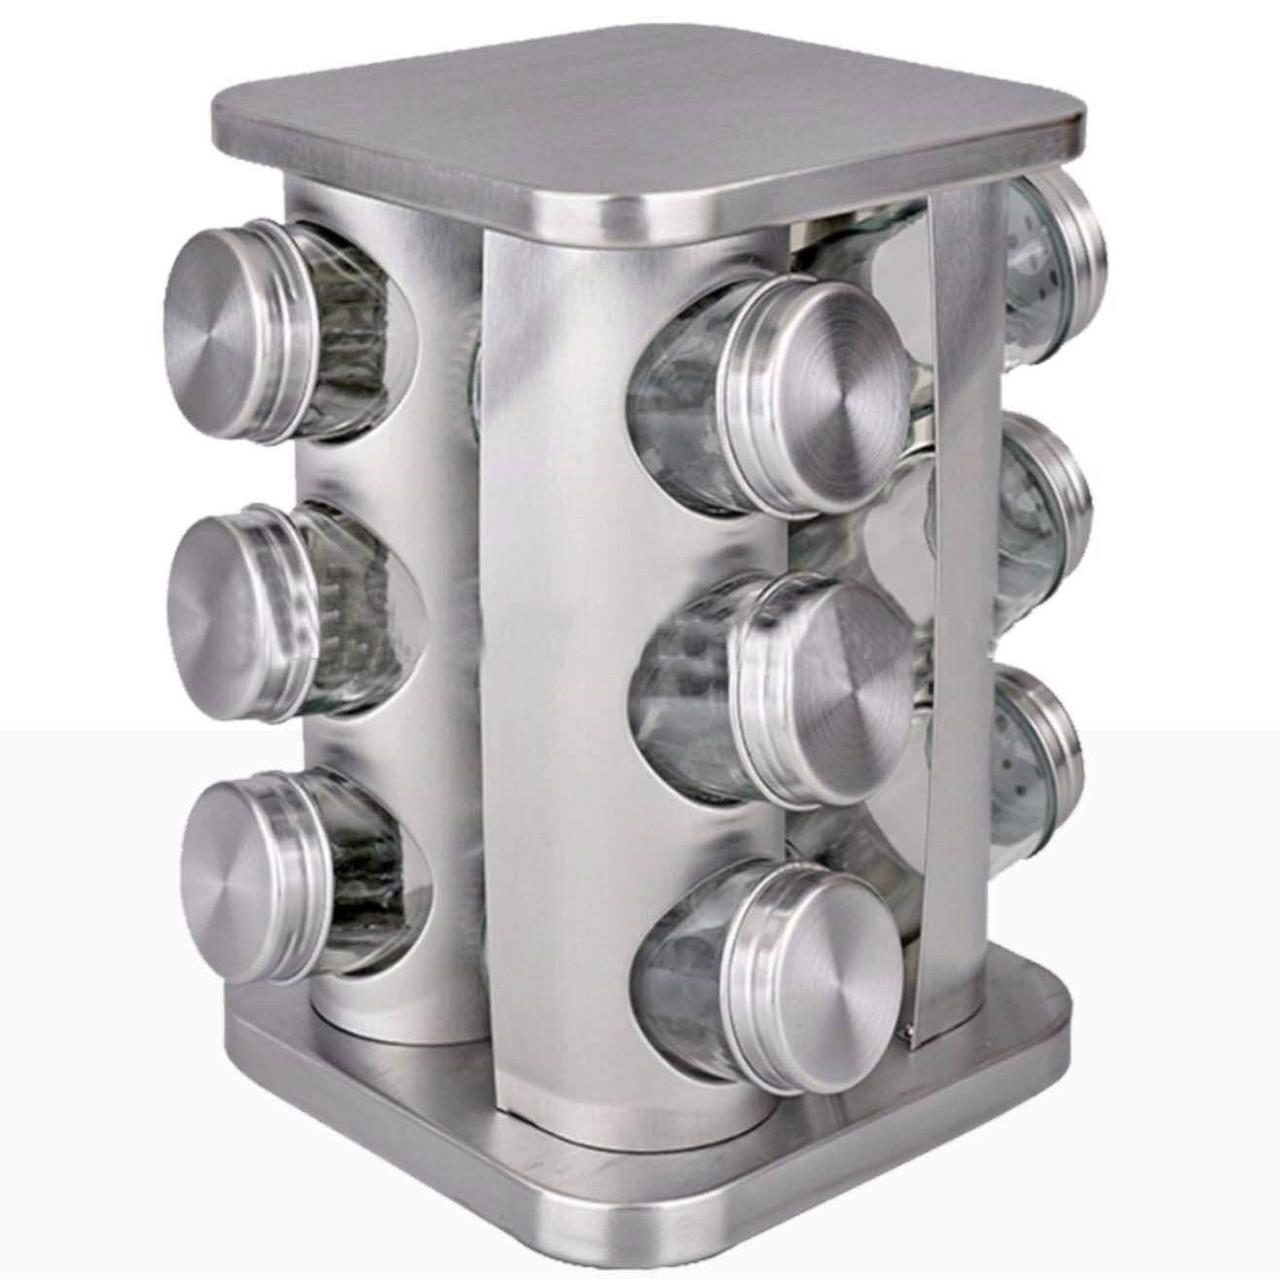 Набор баночек для специй и приправ Benson BN-139 из 12 сосудов на подставке серый | спецовник 12 шт Бенсон